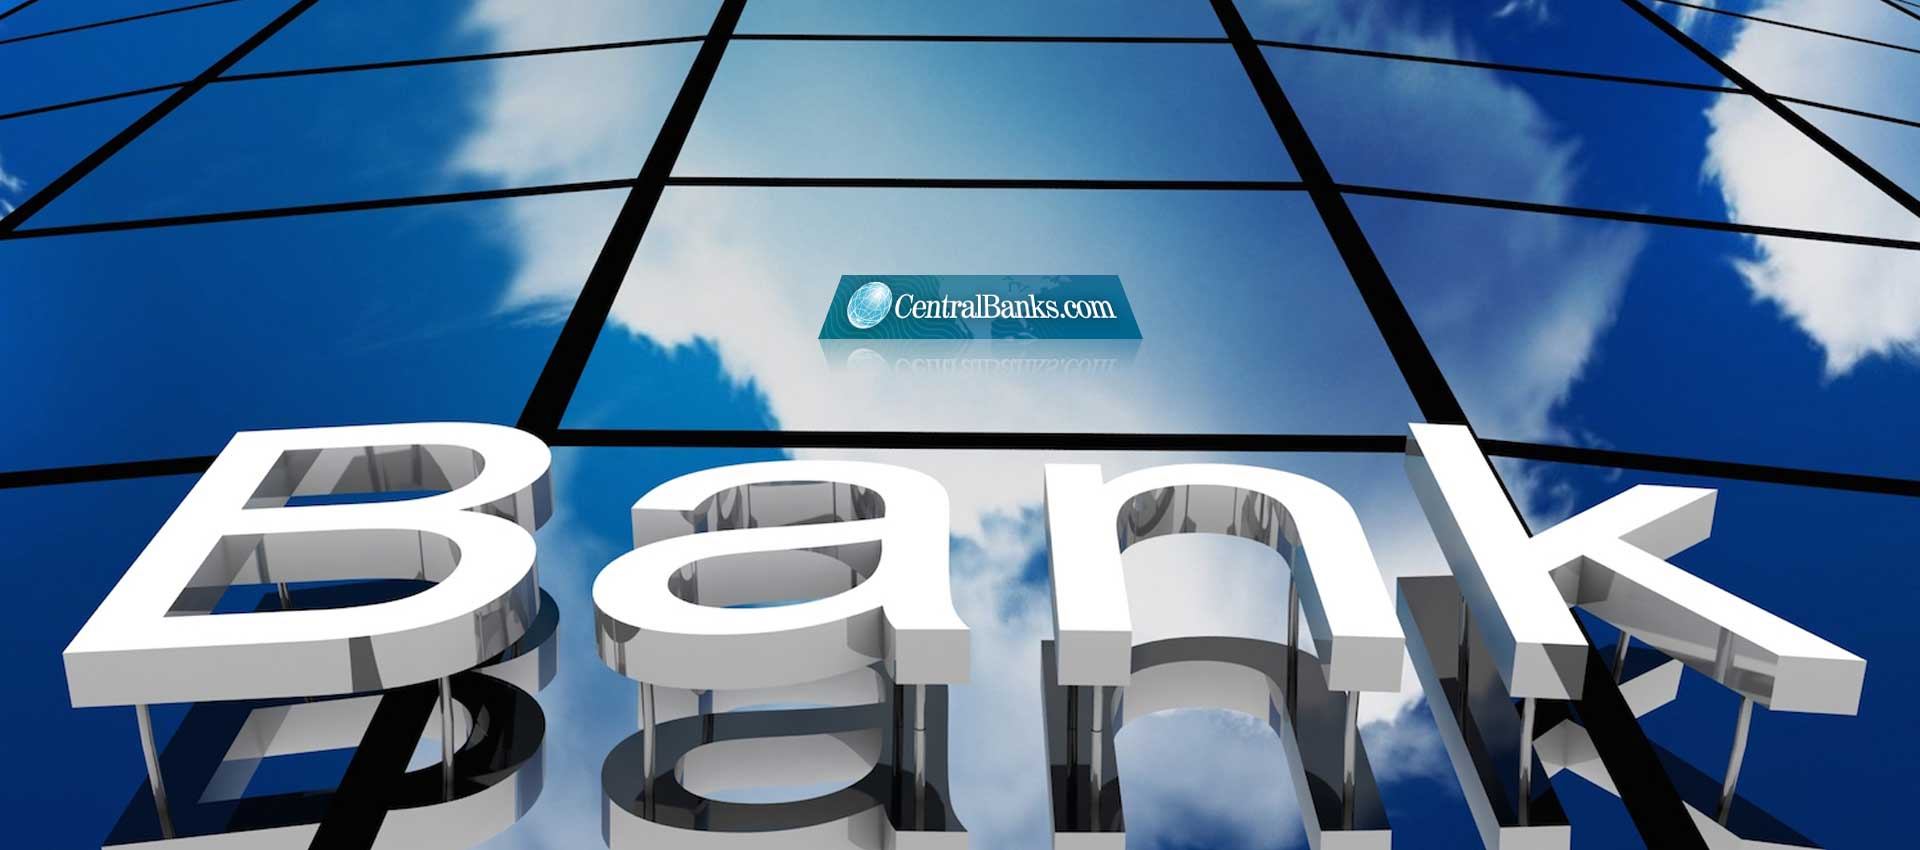 CentralBanks.com